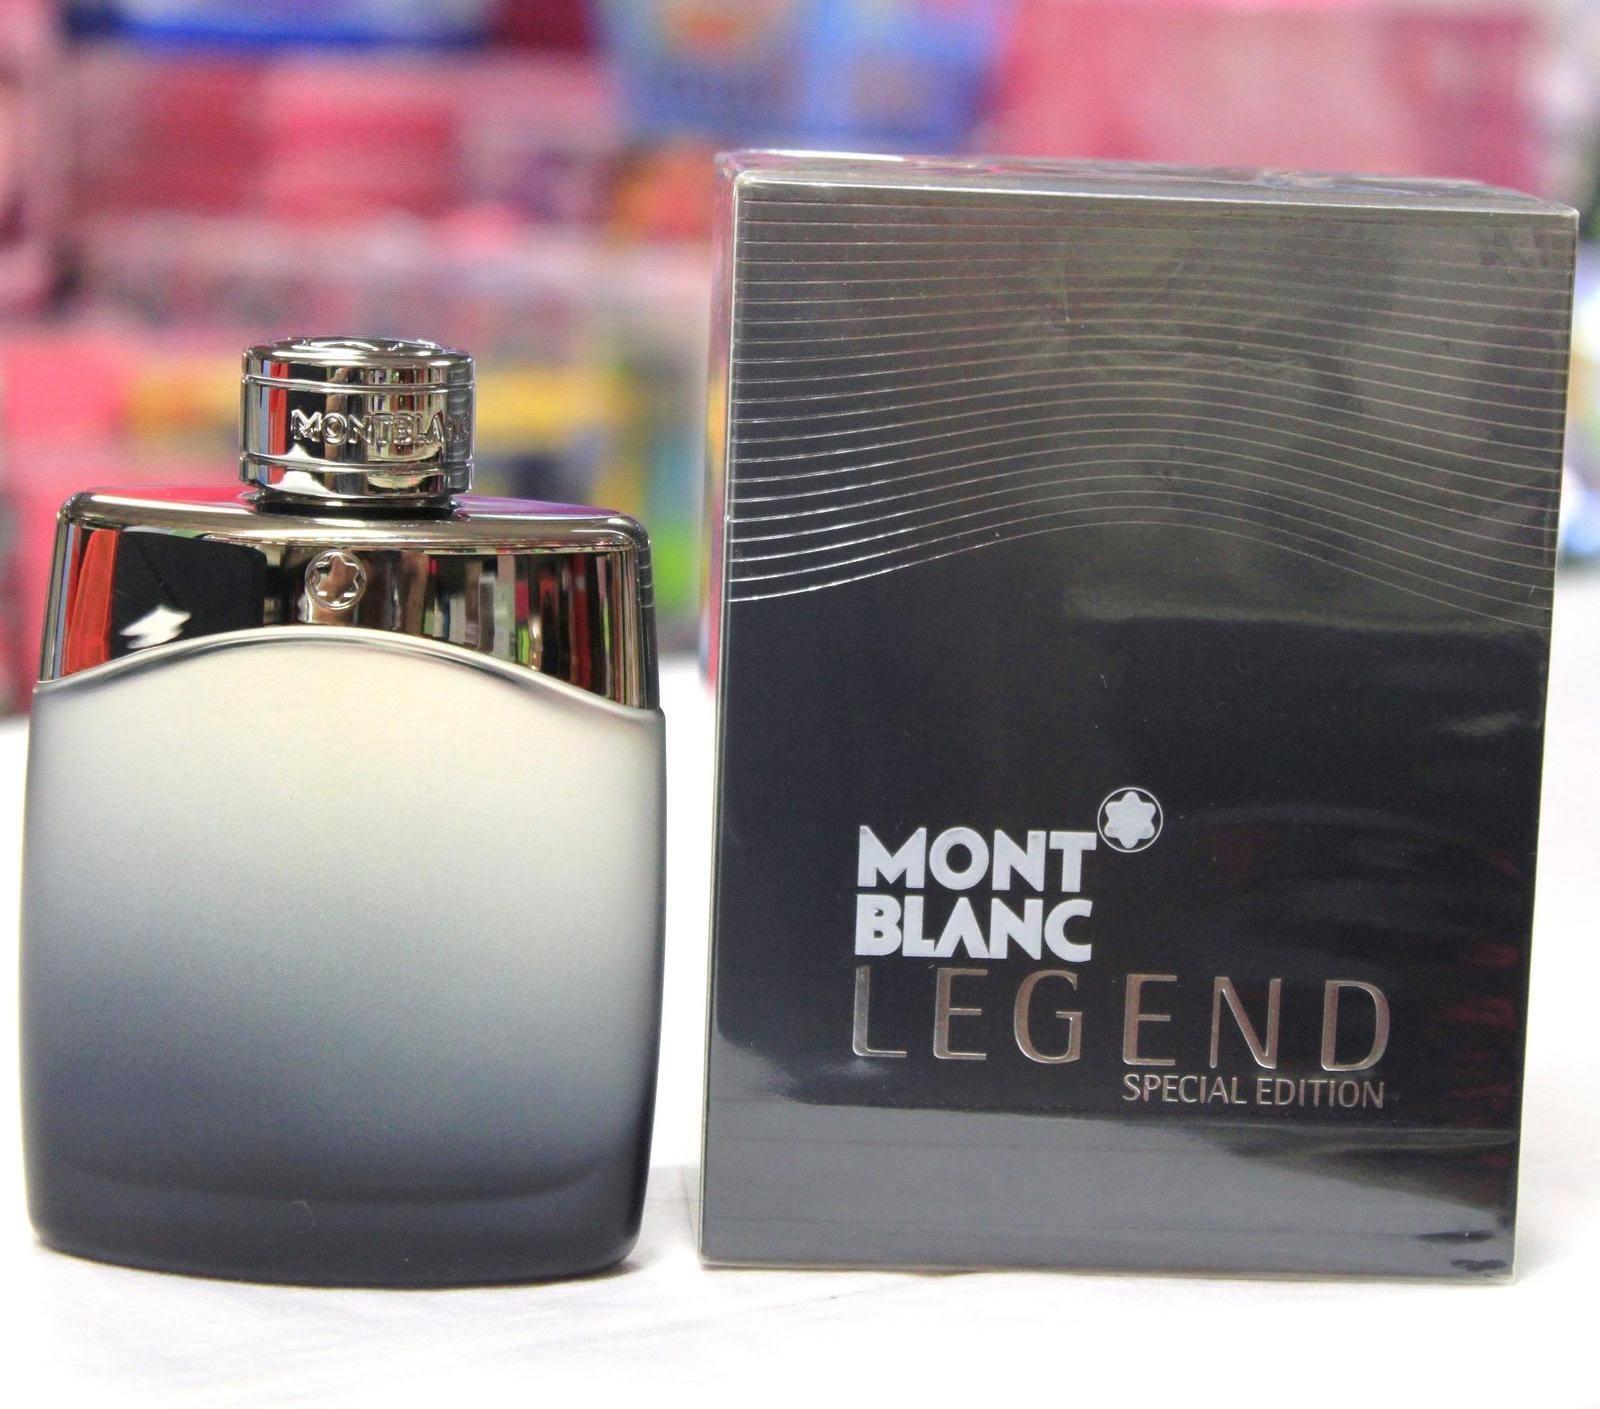 2012 Edt 3 Legend Mont Men Blanc Edición 3 Especial q0qIR7